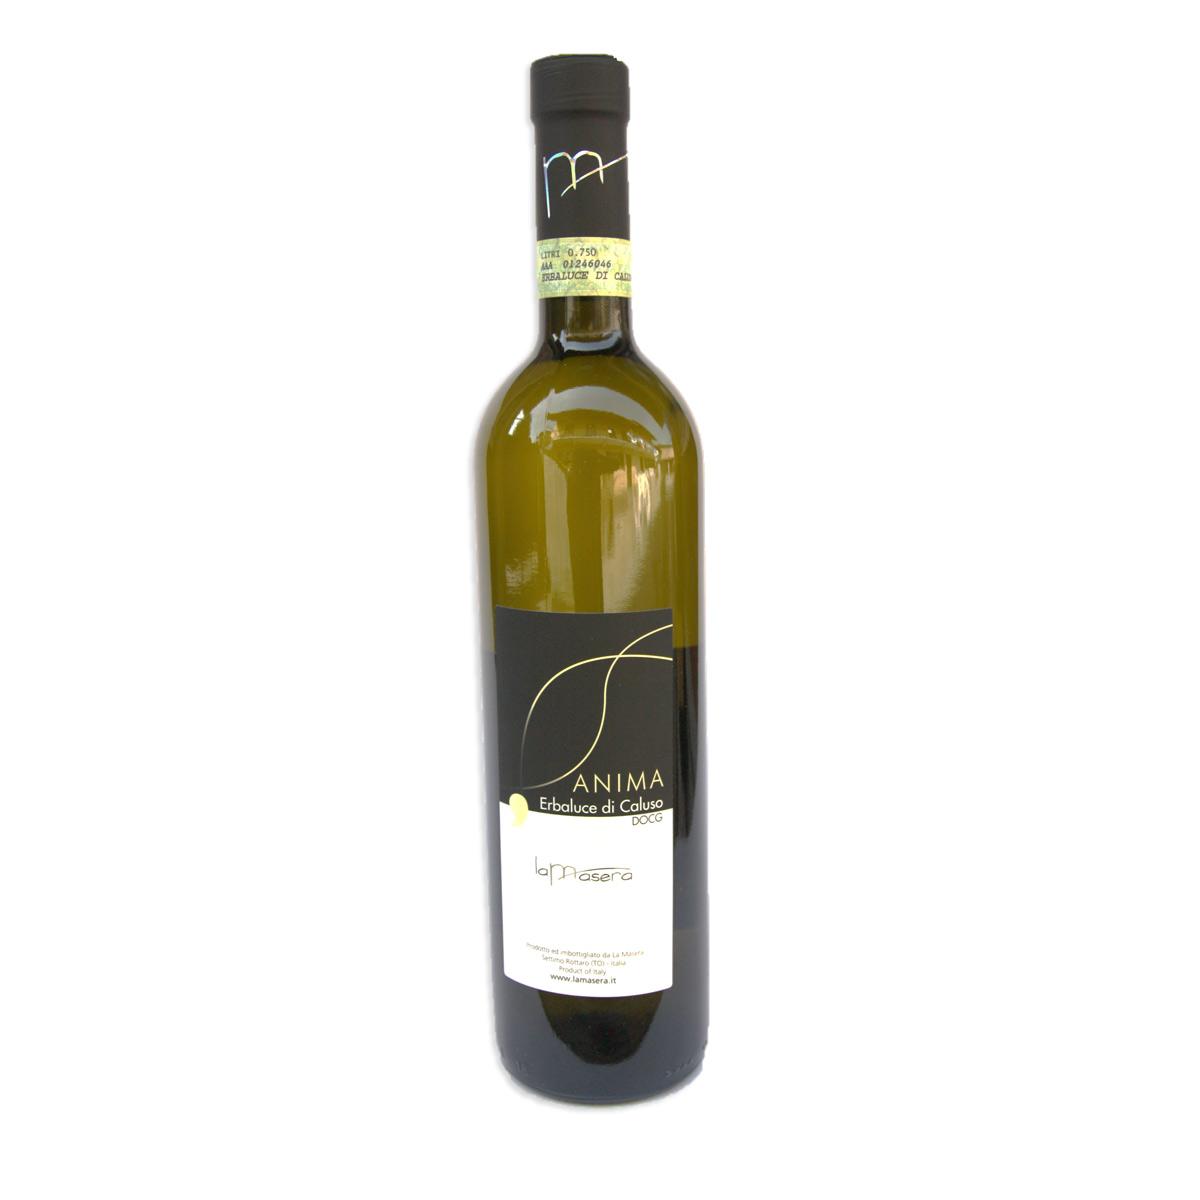 Erbaluce di Caluso Anima, La Masera - Privilege Wine